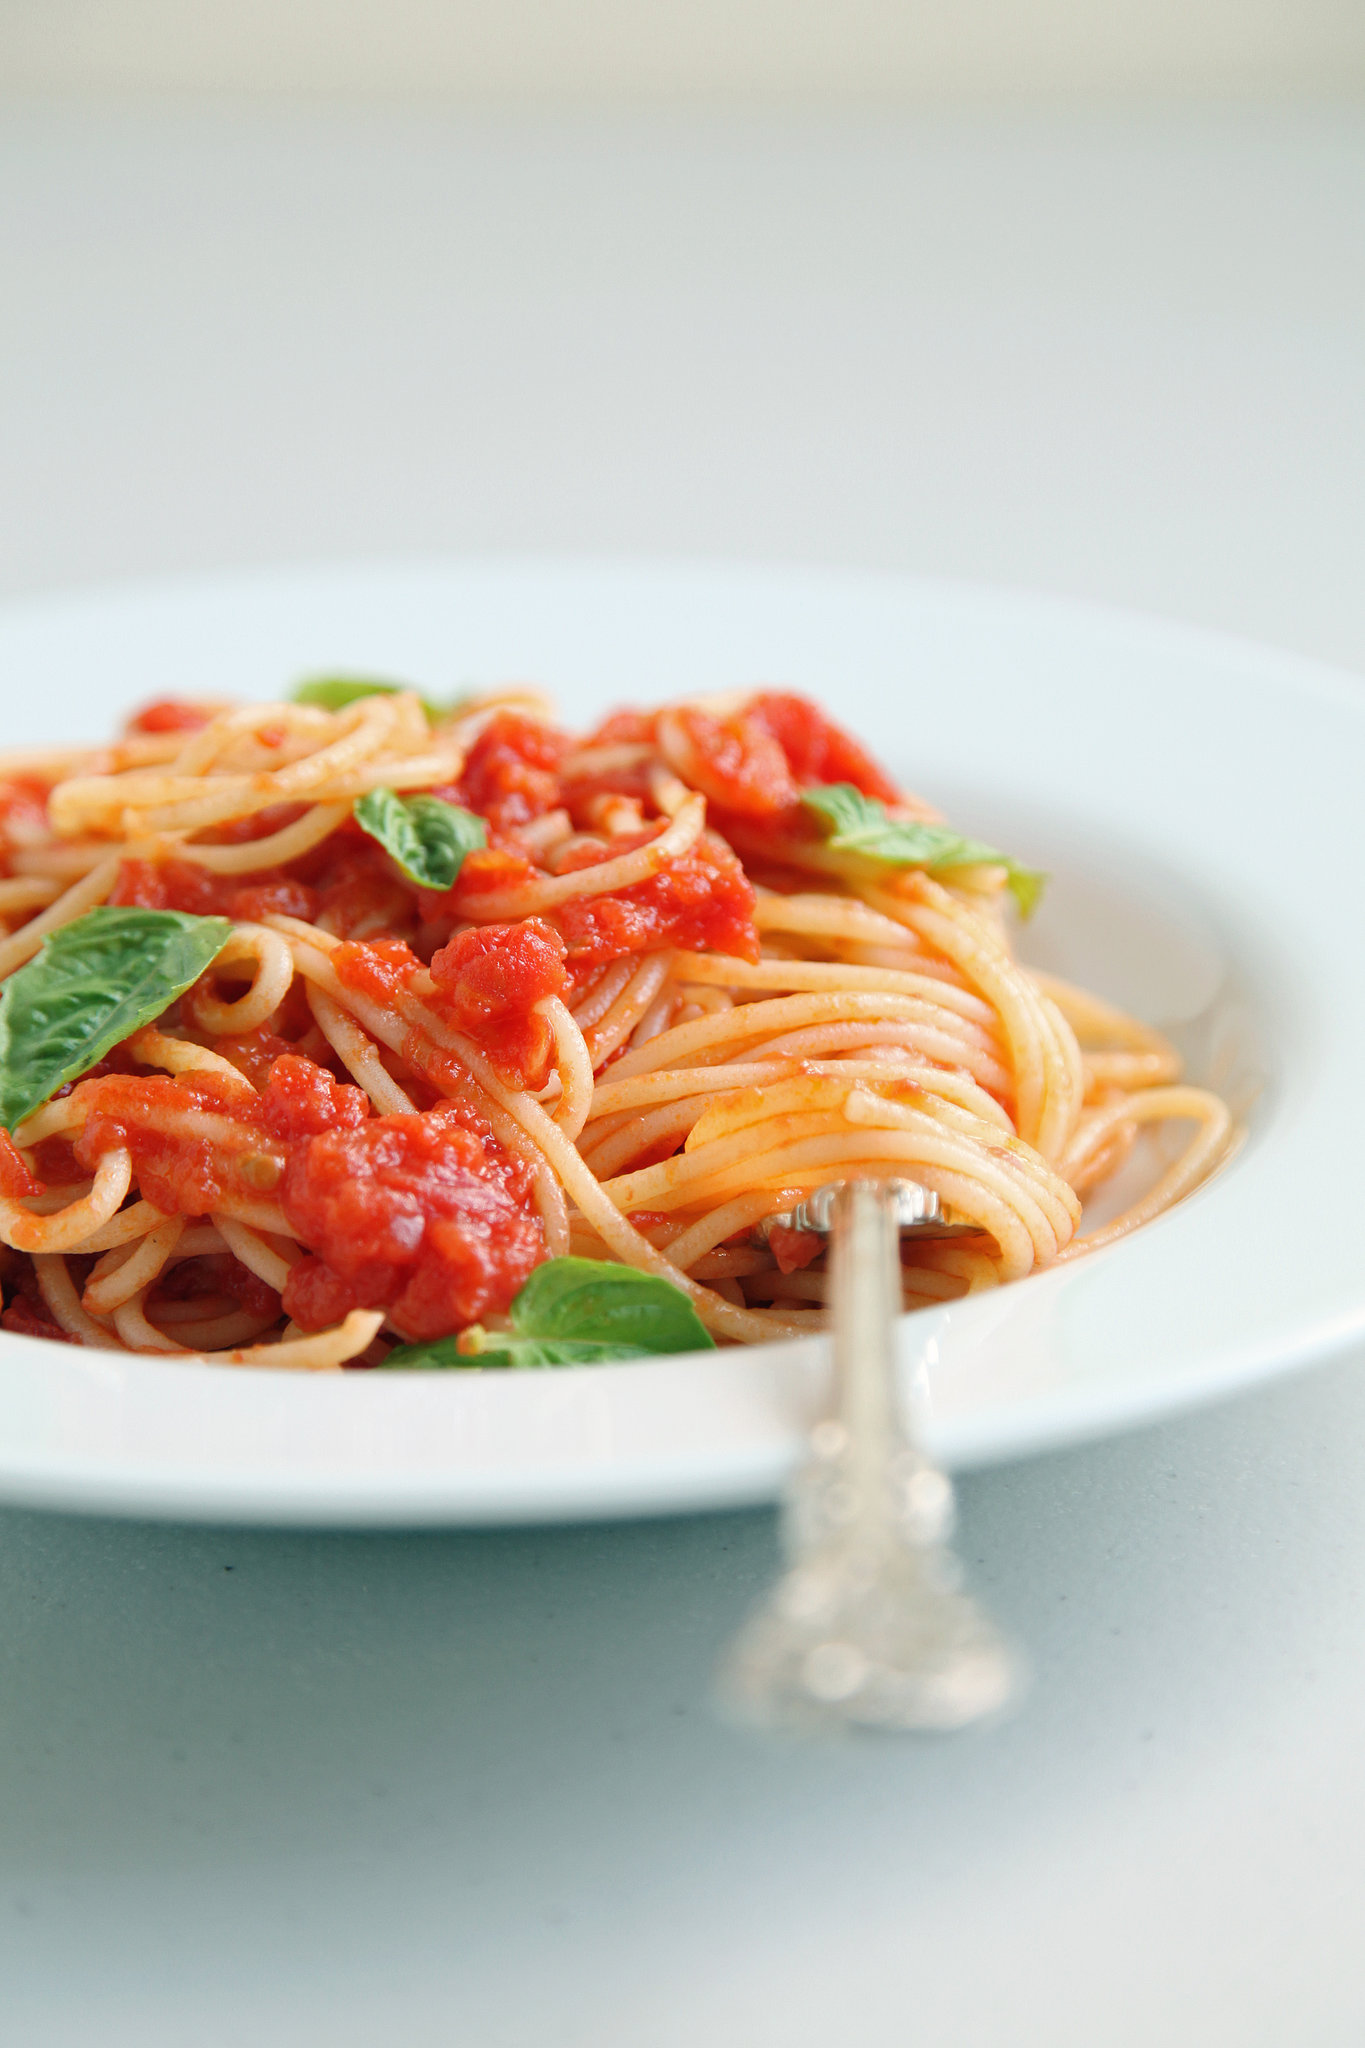 Pasta mozzarella tomato sauce recipe